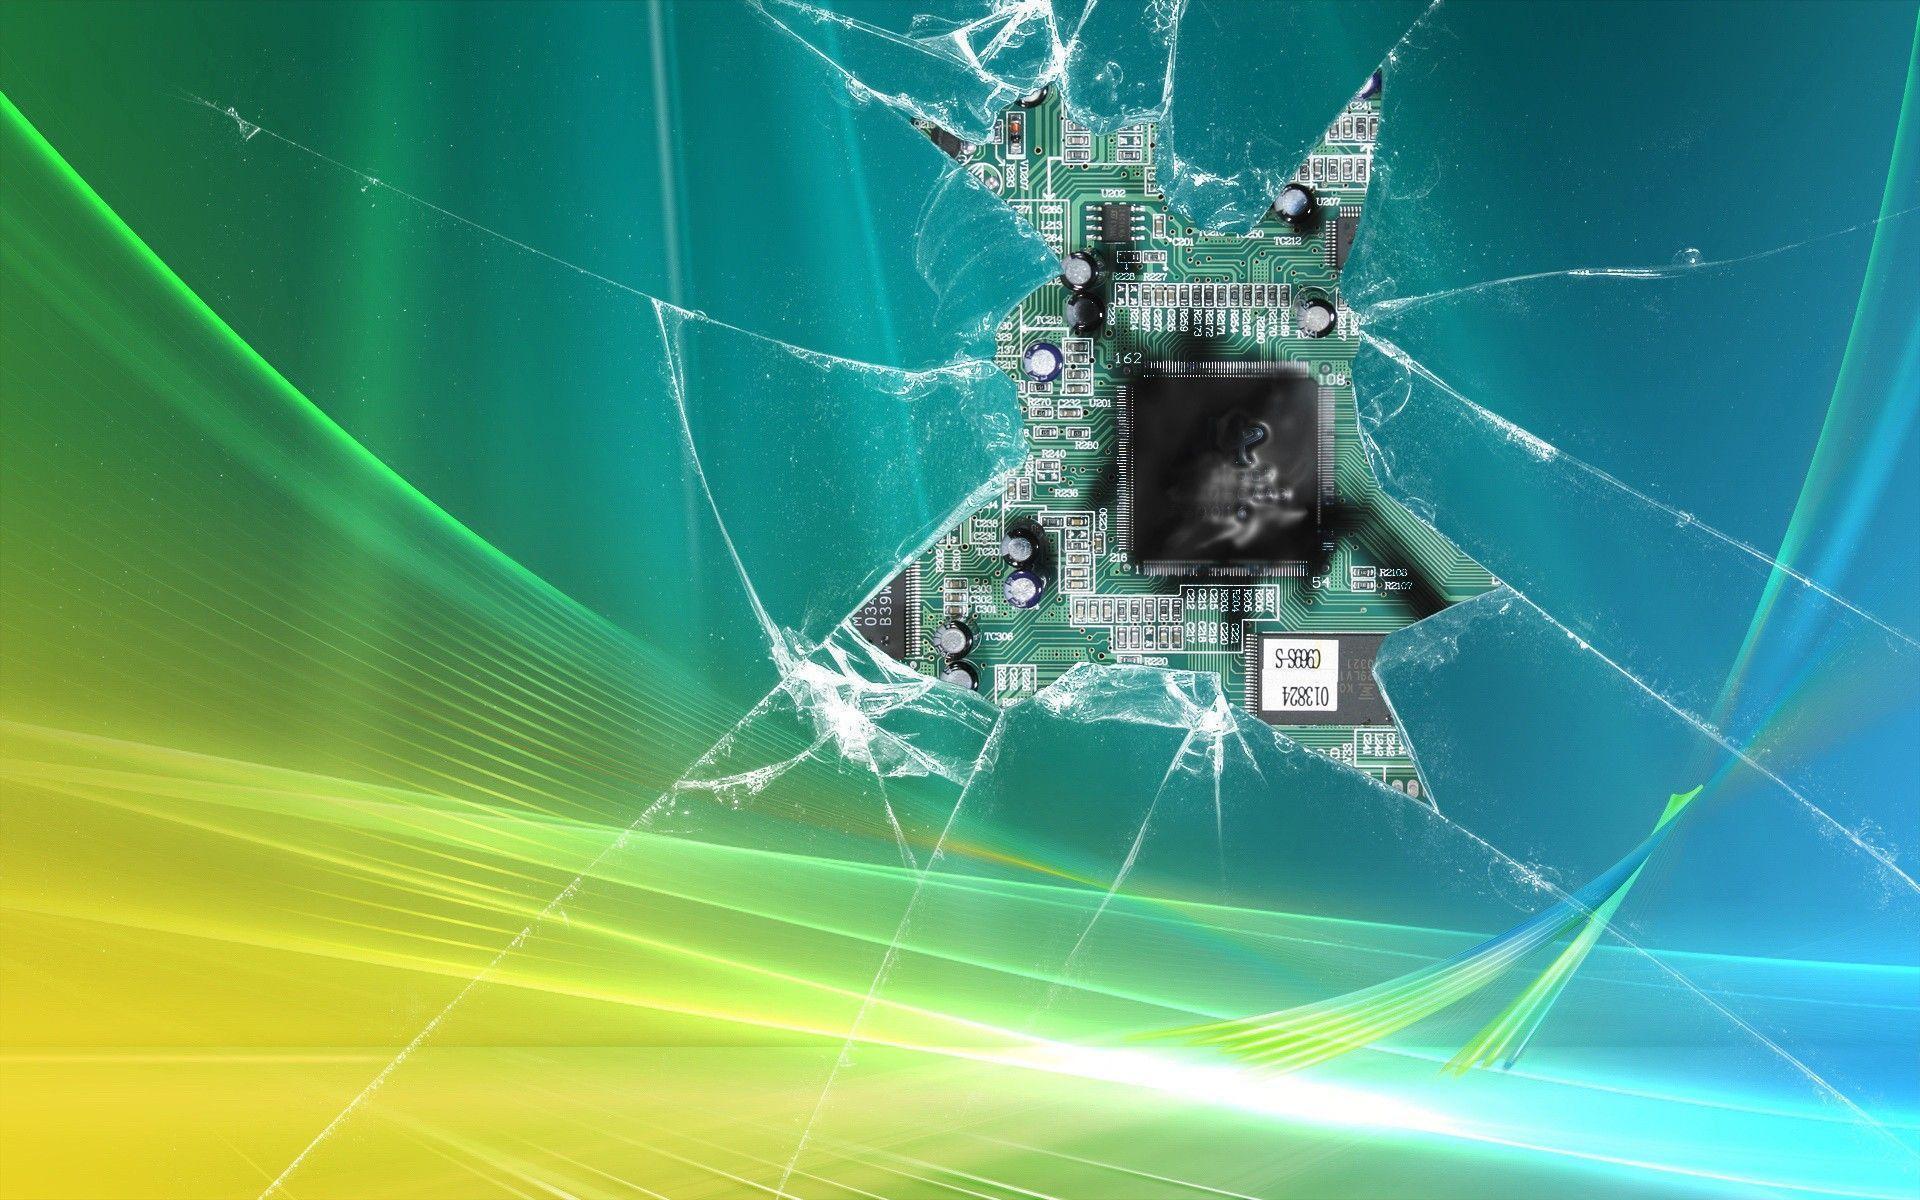 Processor Behind Broken Screen Wallpaper